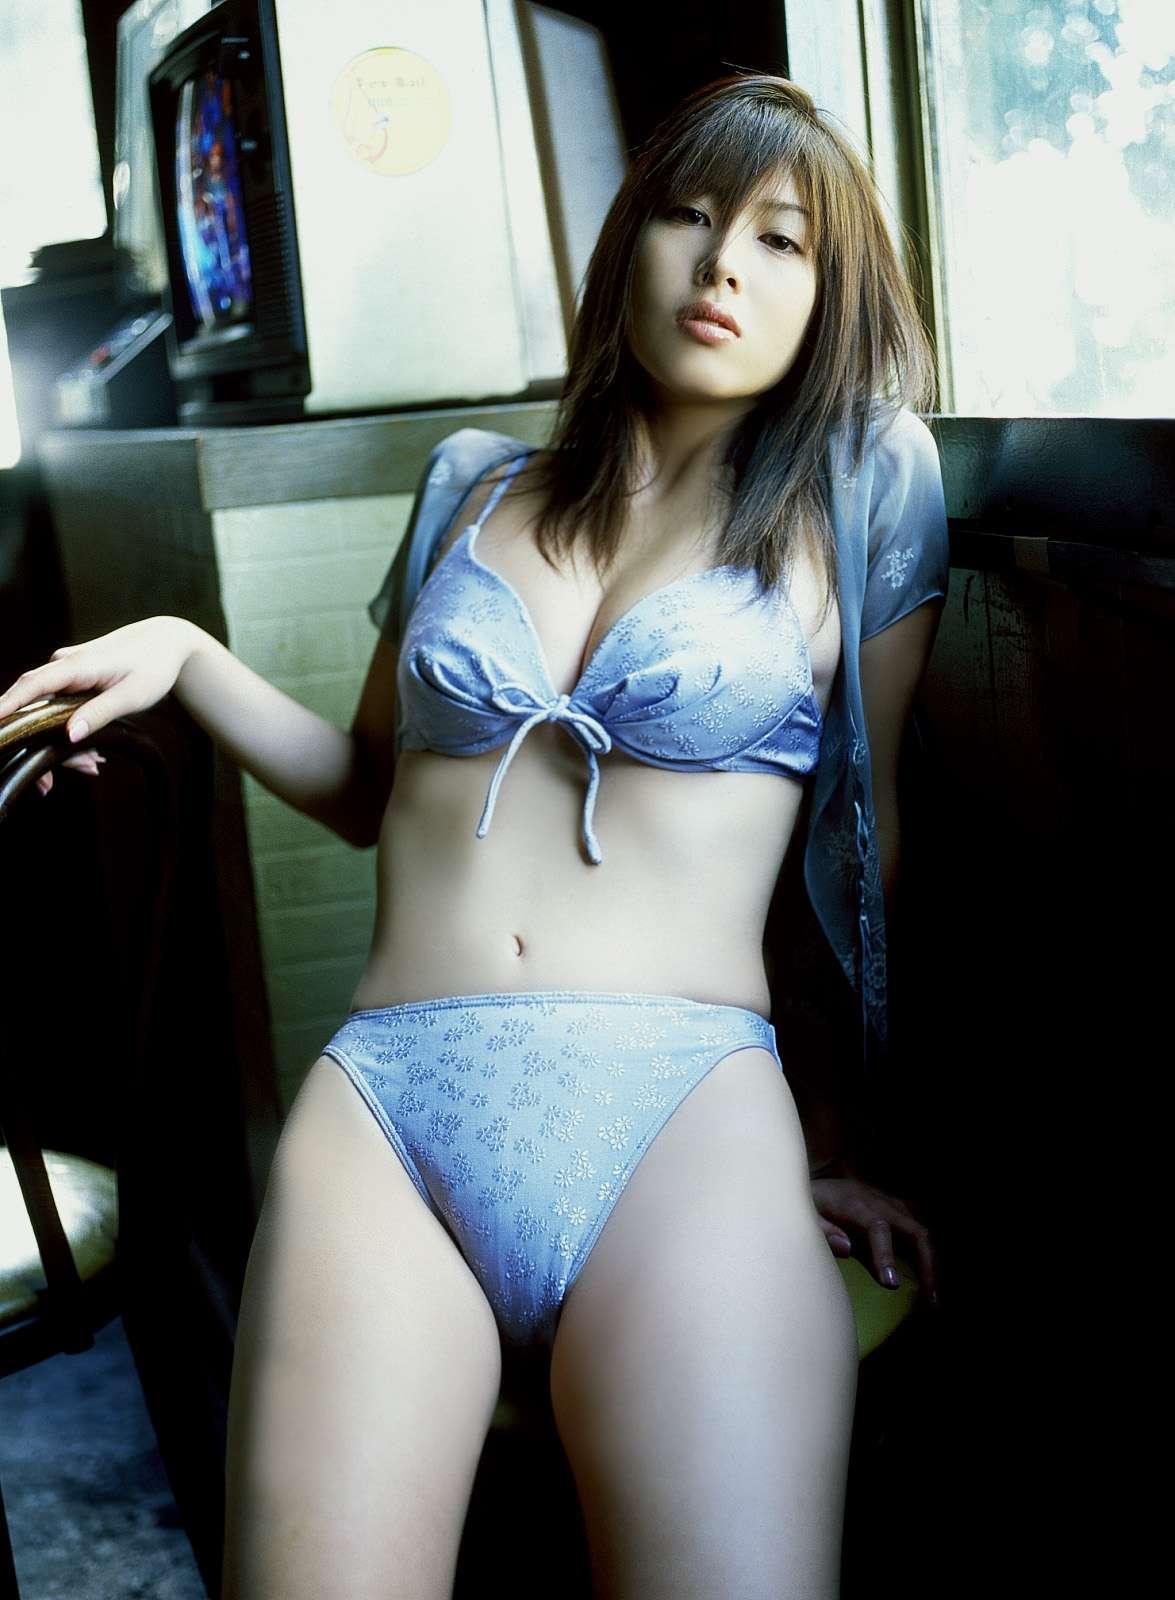 小林恵美の画像 p1_37